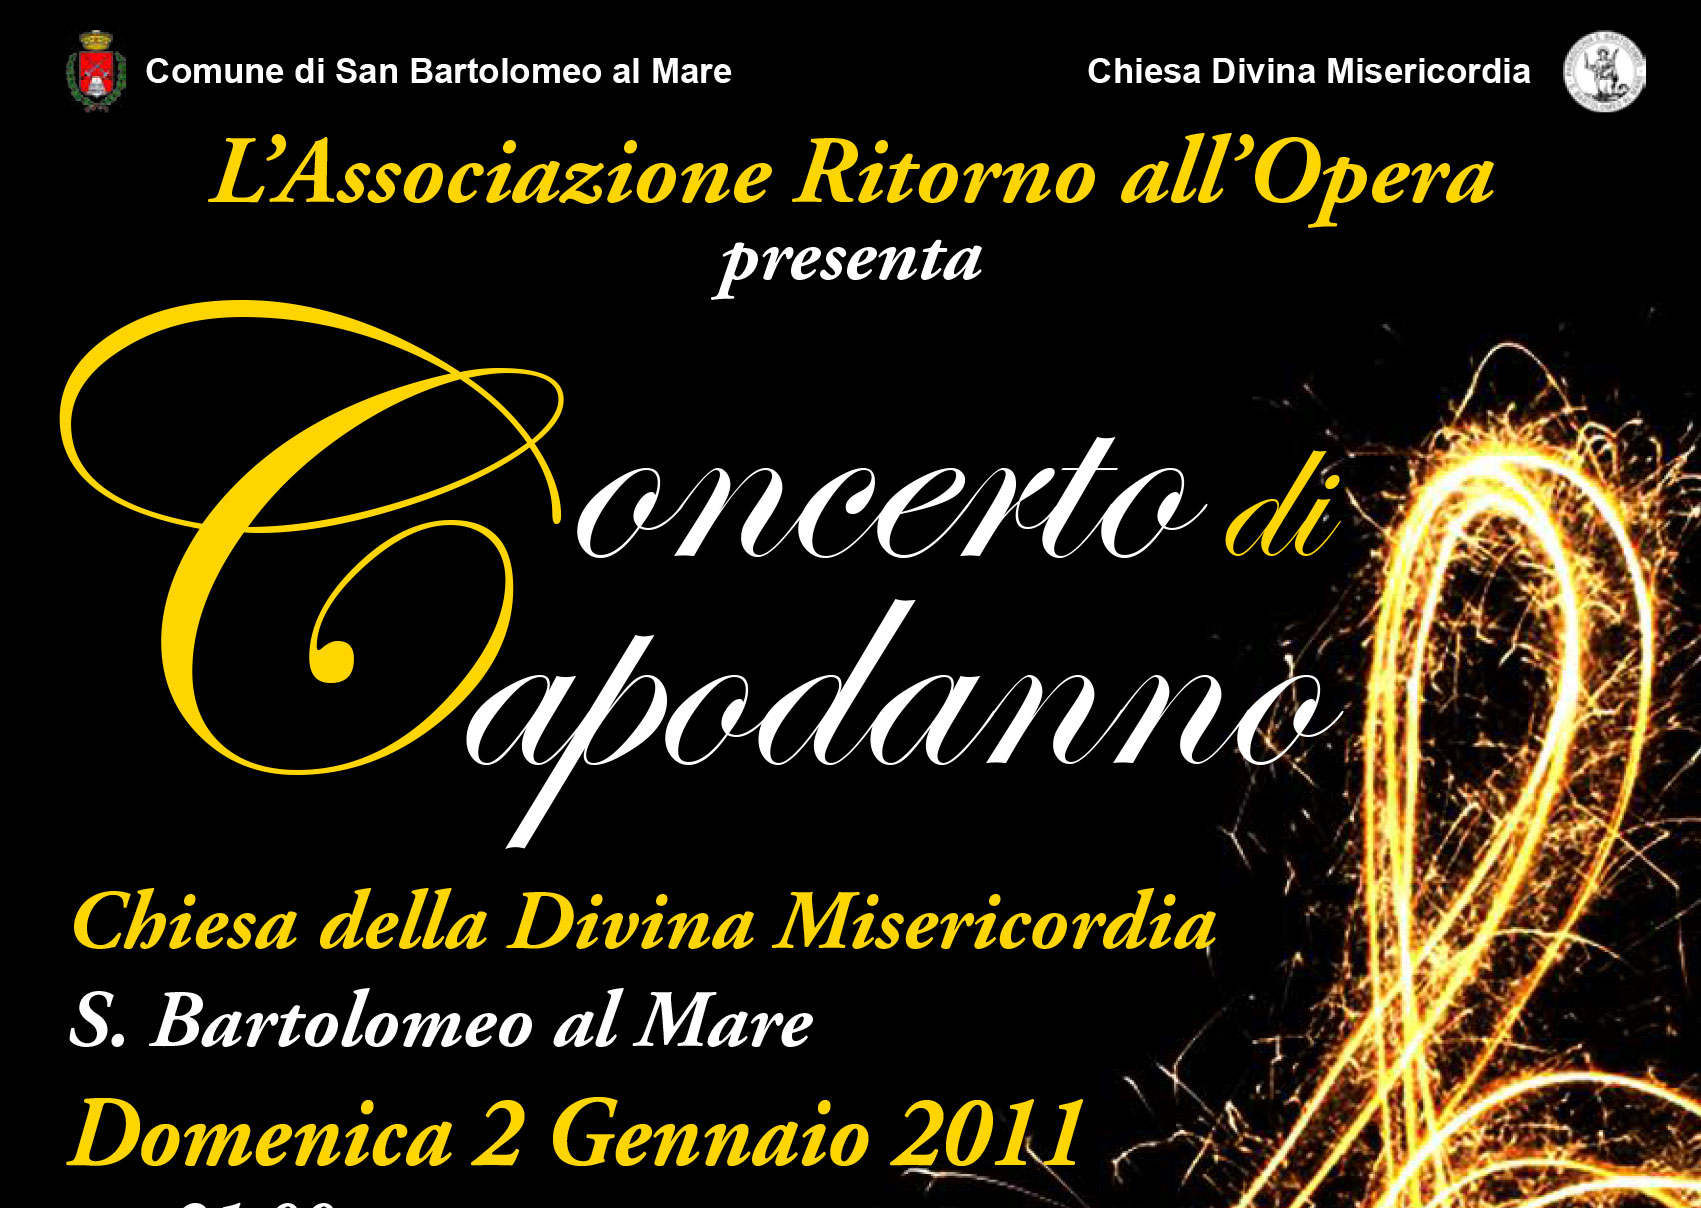 concerto-capodanno-2gennaio-2011_bis